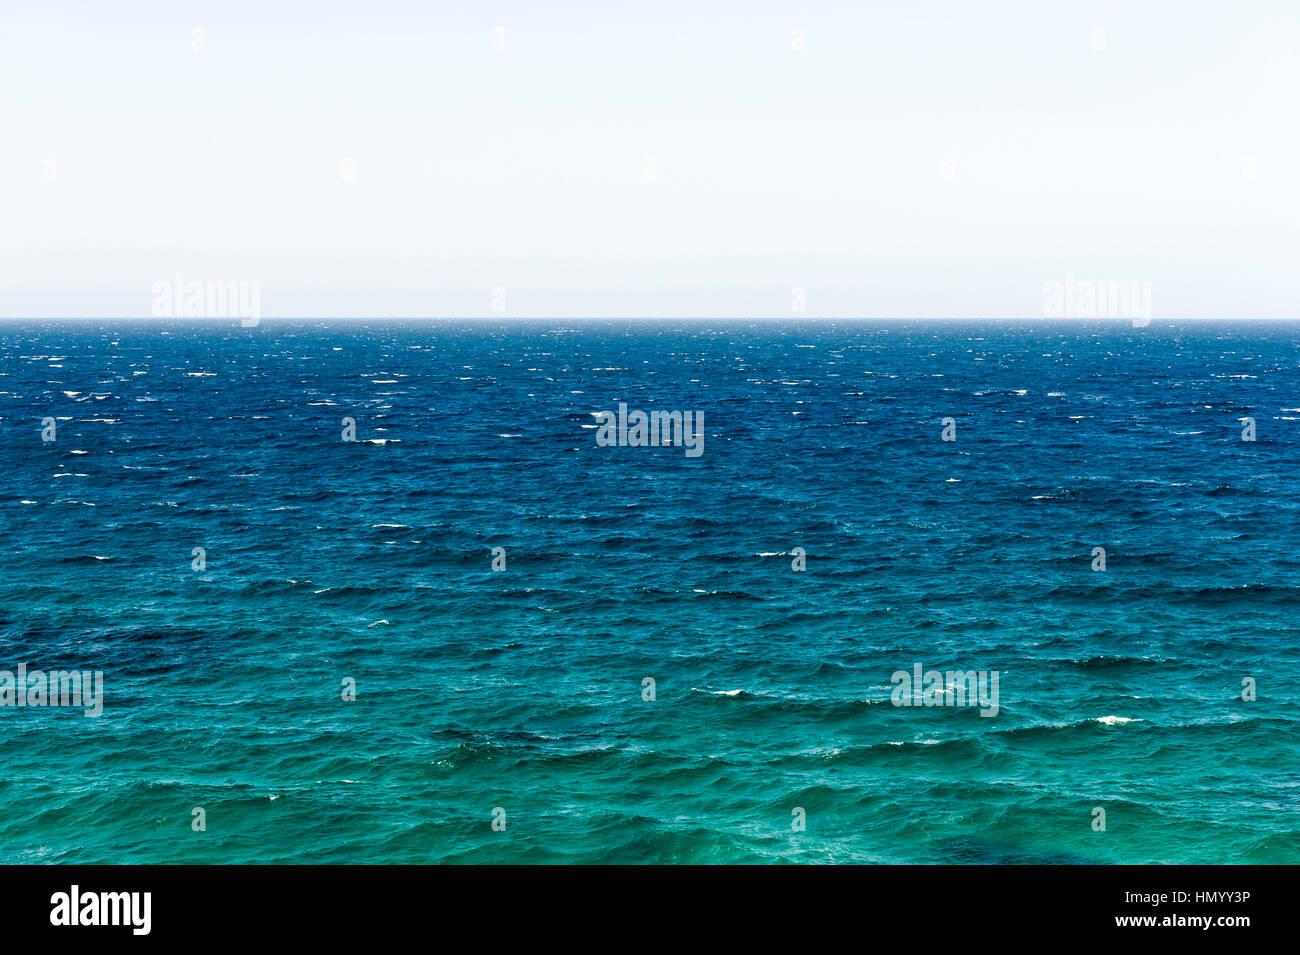 La surface par le vent et l'horizon d'un océan turquoise. Photo Stock